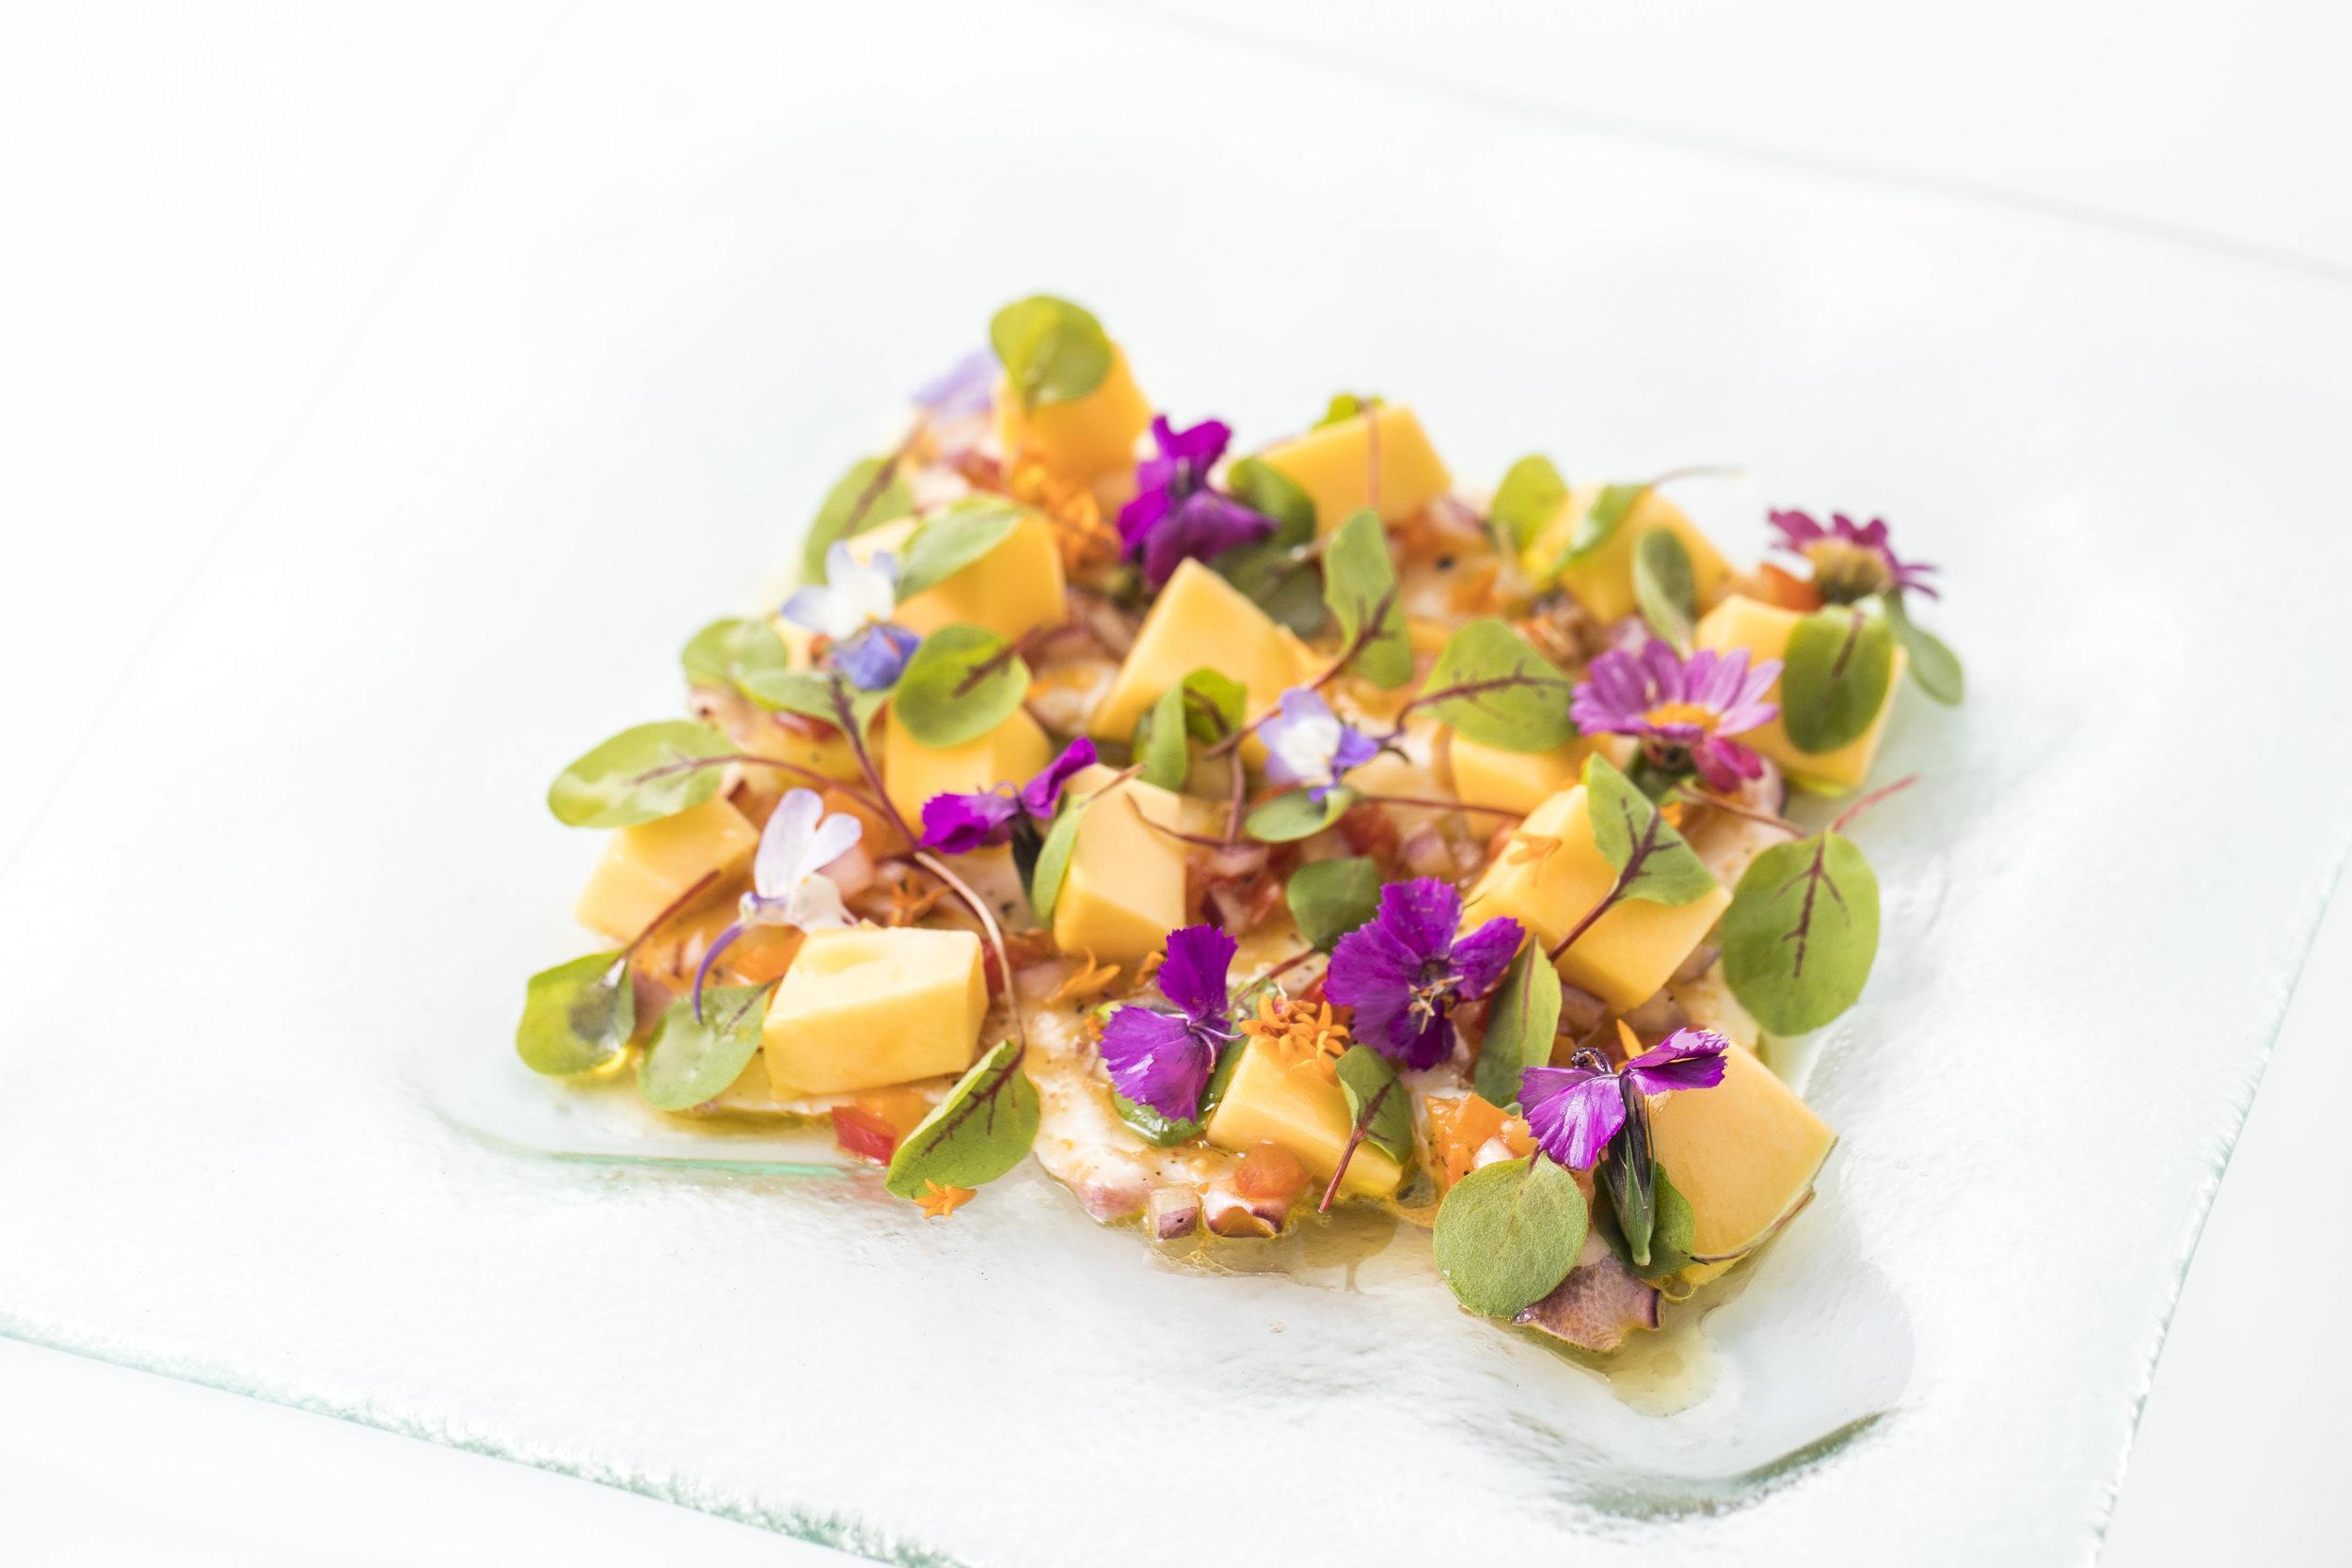 Carpaccio Di Polpo カルパッチョ・ディ・ポルポ($22)   柔らかく味わい深いスペイン産の蛸と完熟ヘイデン・マンゴーを、自家製チリペッパービネグレットとハーツオブファイヤー・マイクログリーンで和えた目にも鮮やかな一皿。爽やかな白ワインにぴったりの夏の味。